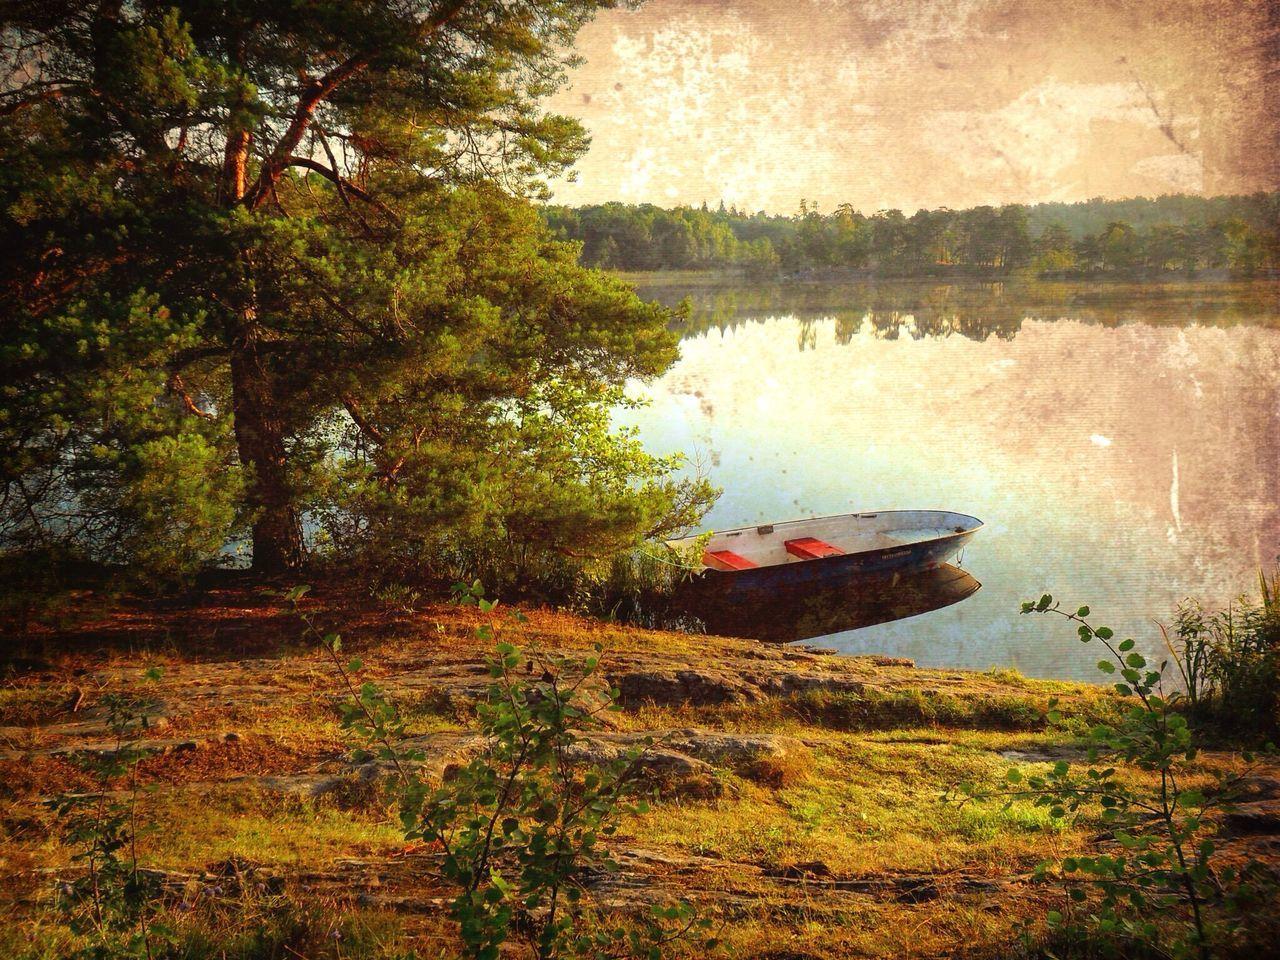 Boat at lakeshore